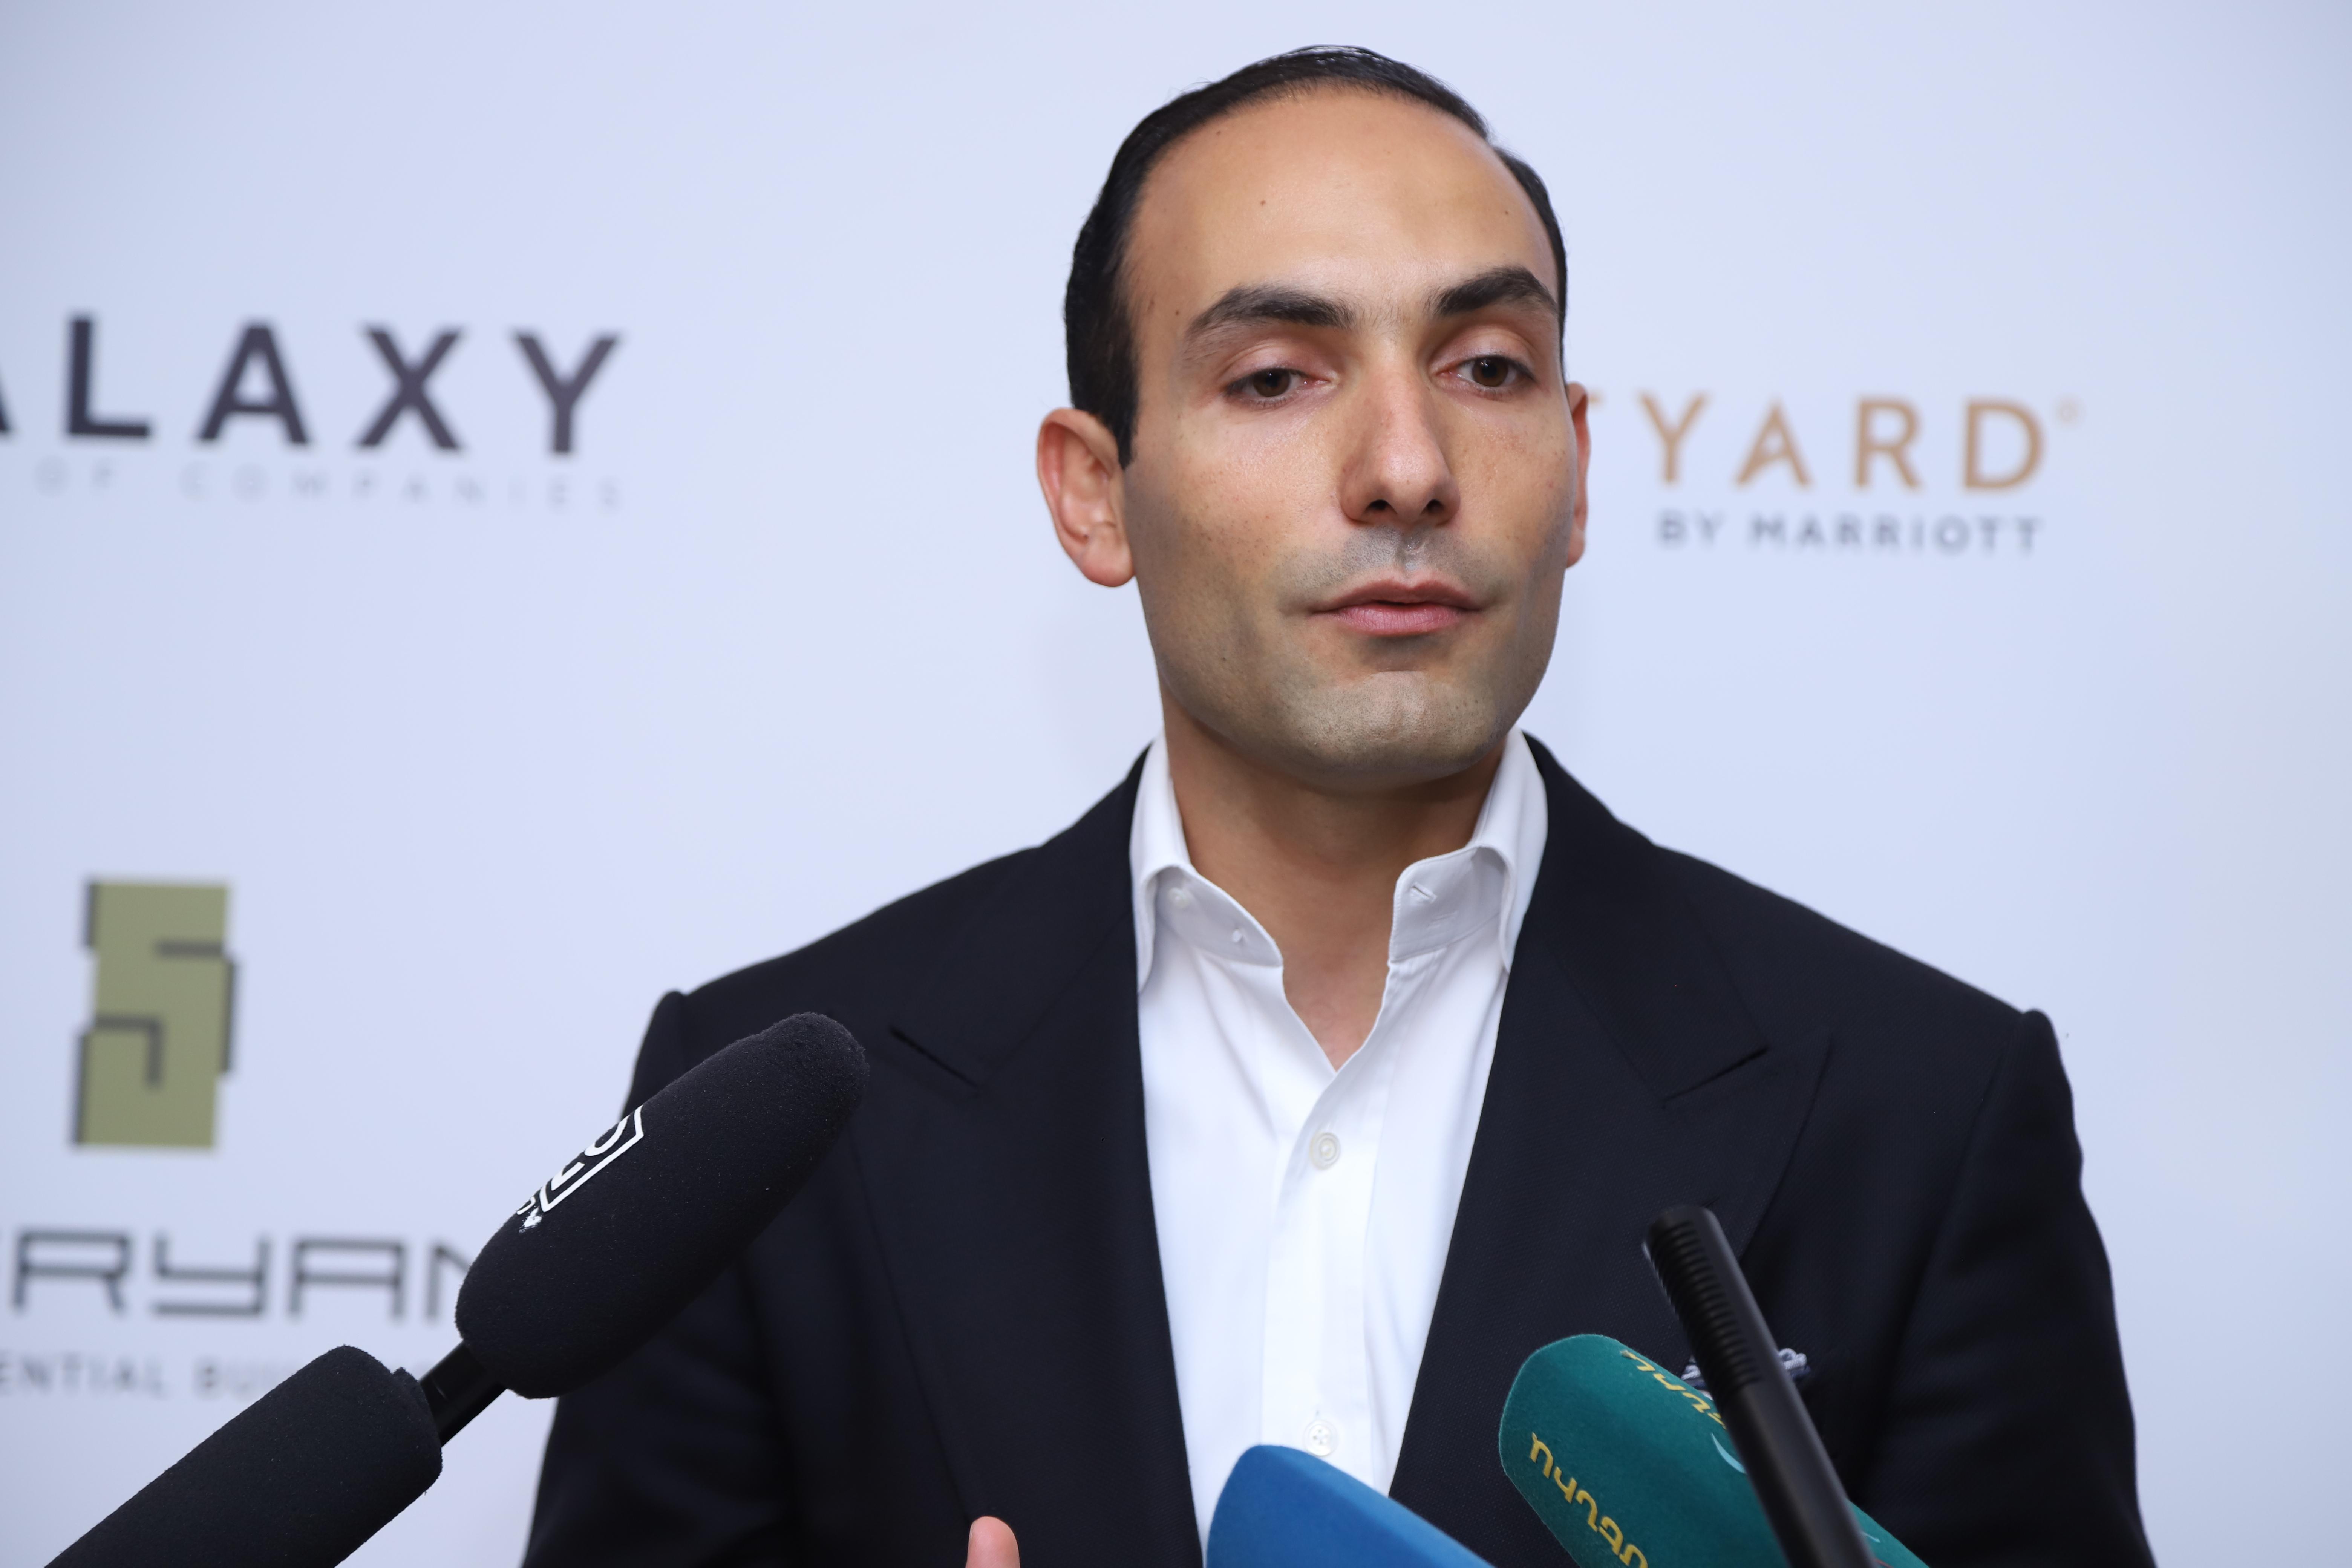 «Գալաքսի» ընկերությունների խումբ. Երևանում կհիմնվի «Քորթյարդ բայ Մարիոթ» հյուրանոցն ու բնակարանային համալիրը